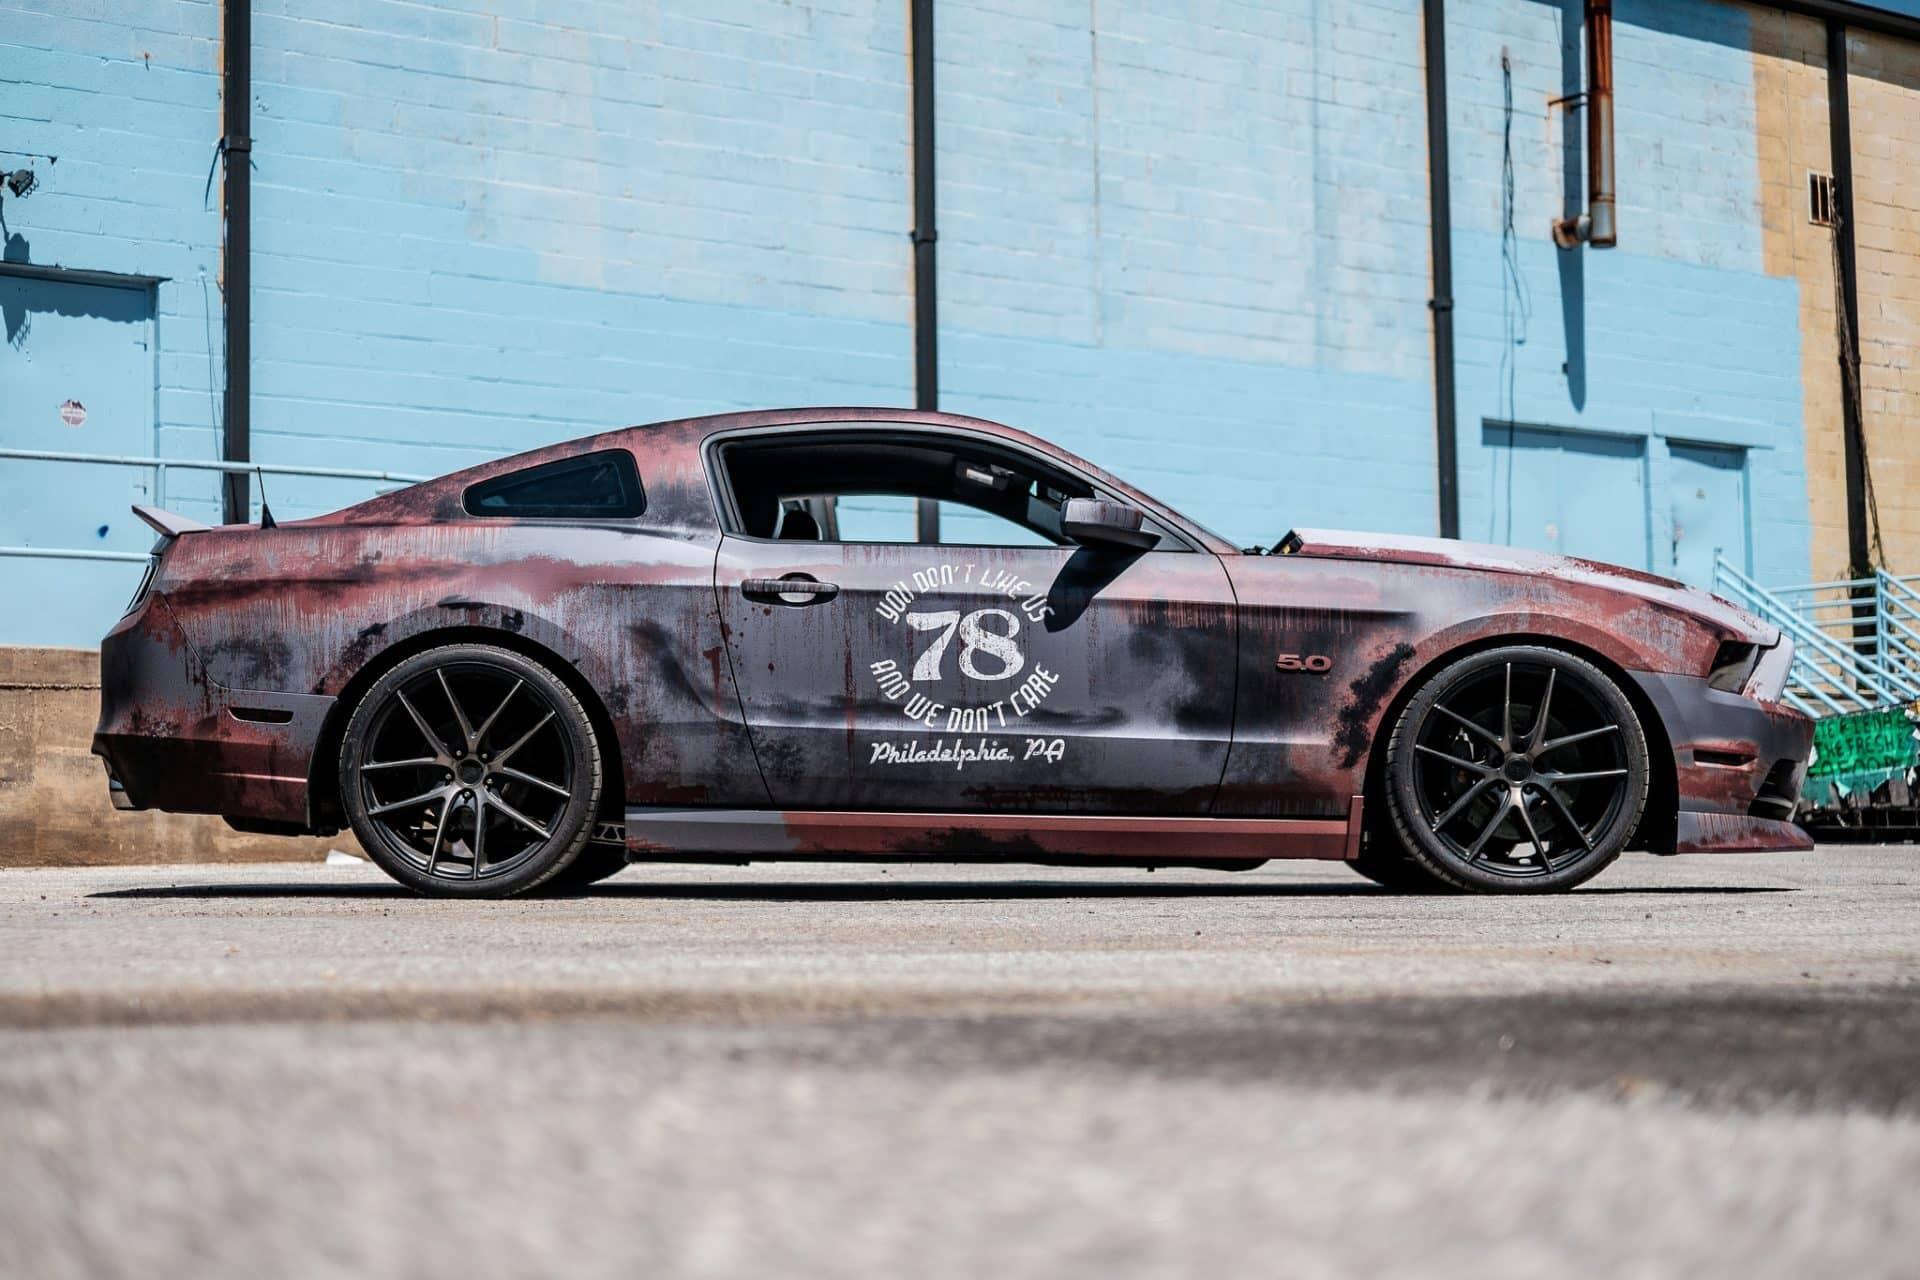 Mustang Cobra 2018 >> Rust Wrap Design Ford Mustang | Skepple Inc